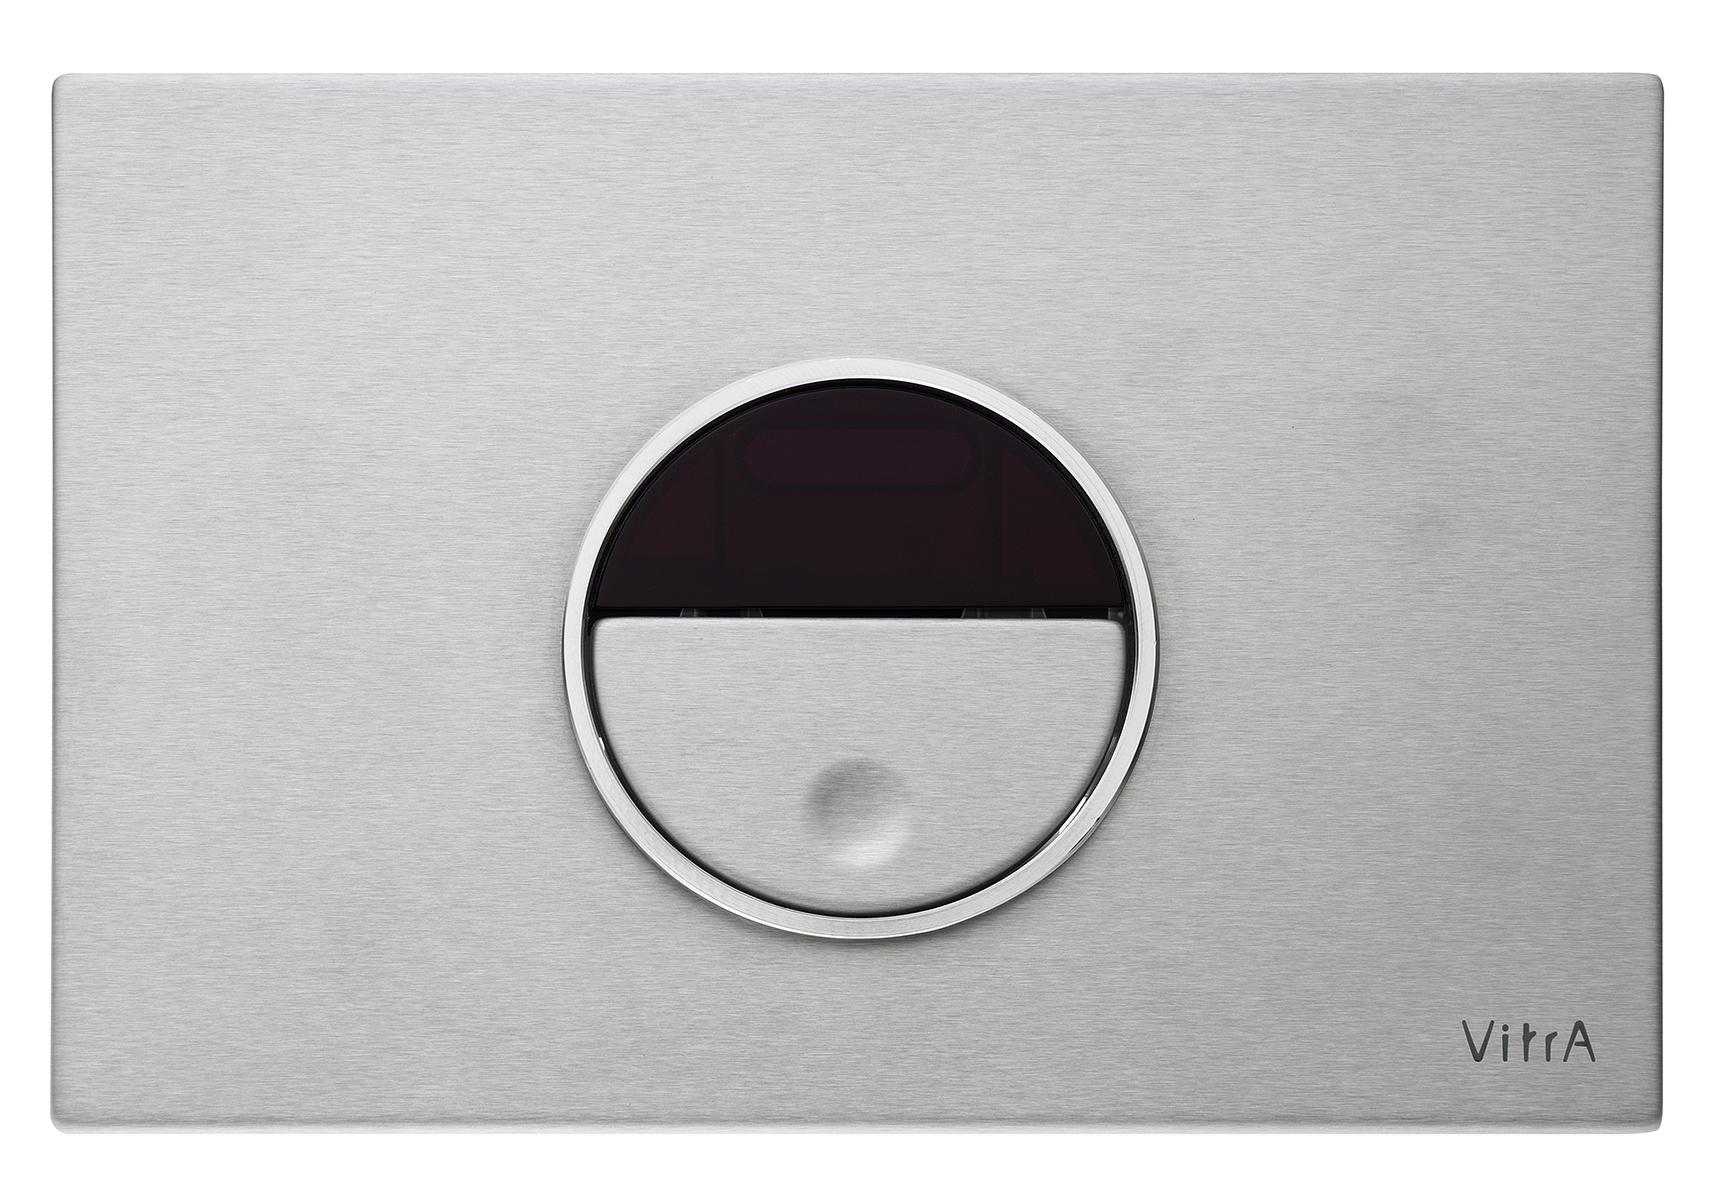 Pro panneau de commande 3/6 l, chromé brossé, 24,1  x  16,1 cm